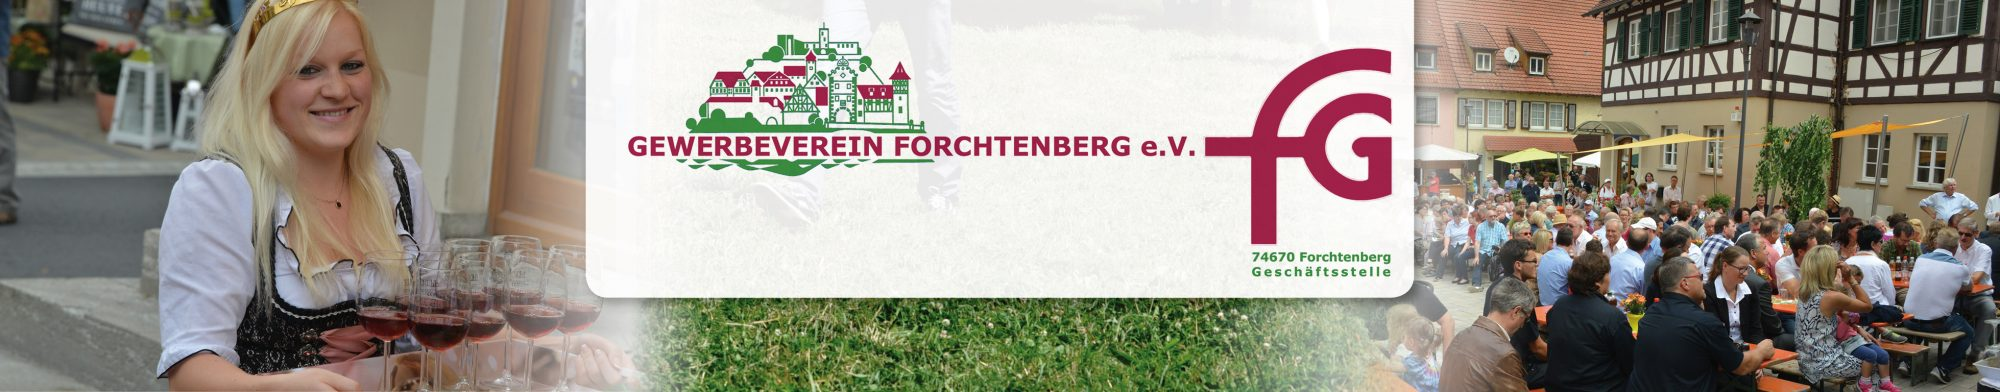 Gewerbeverein Forchtenberg